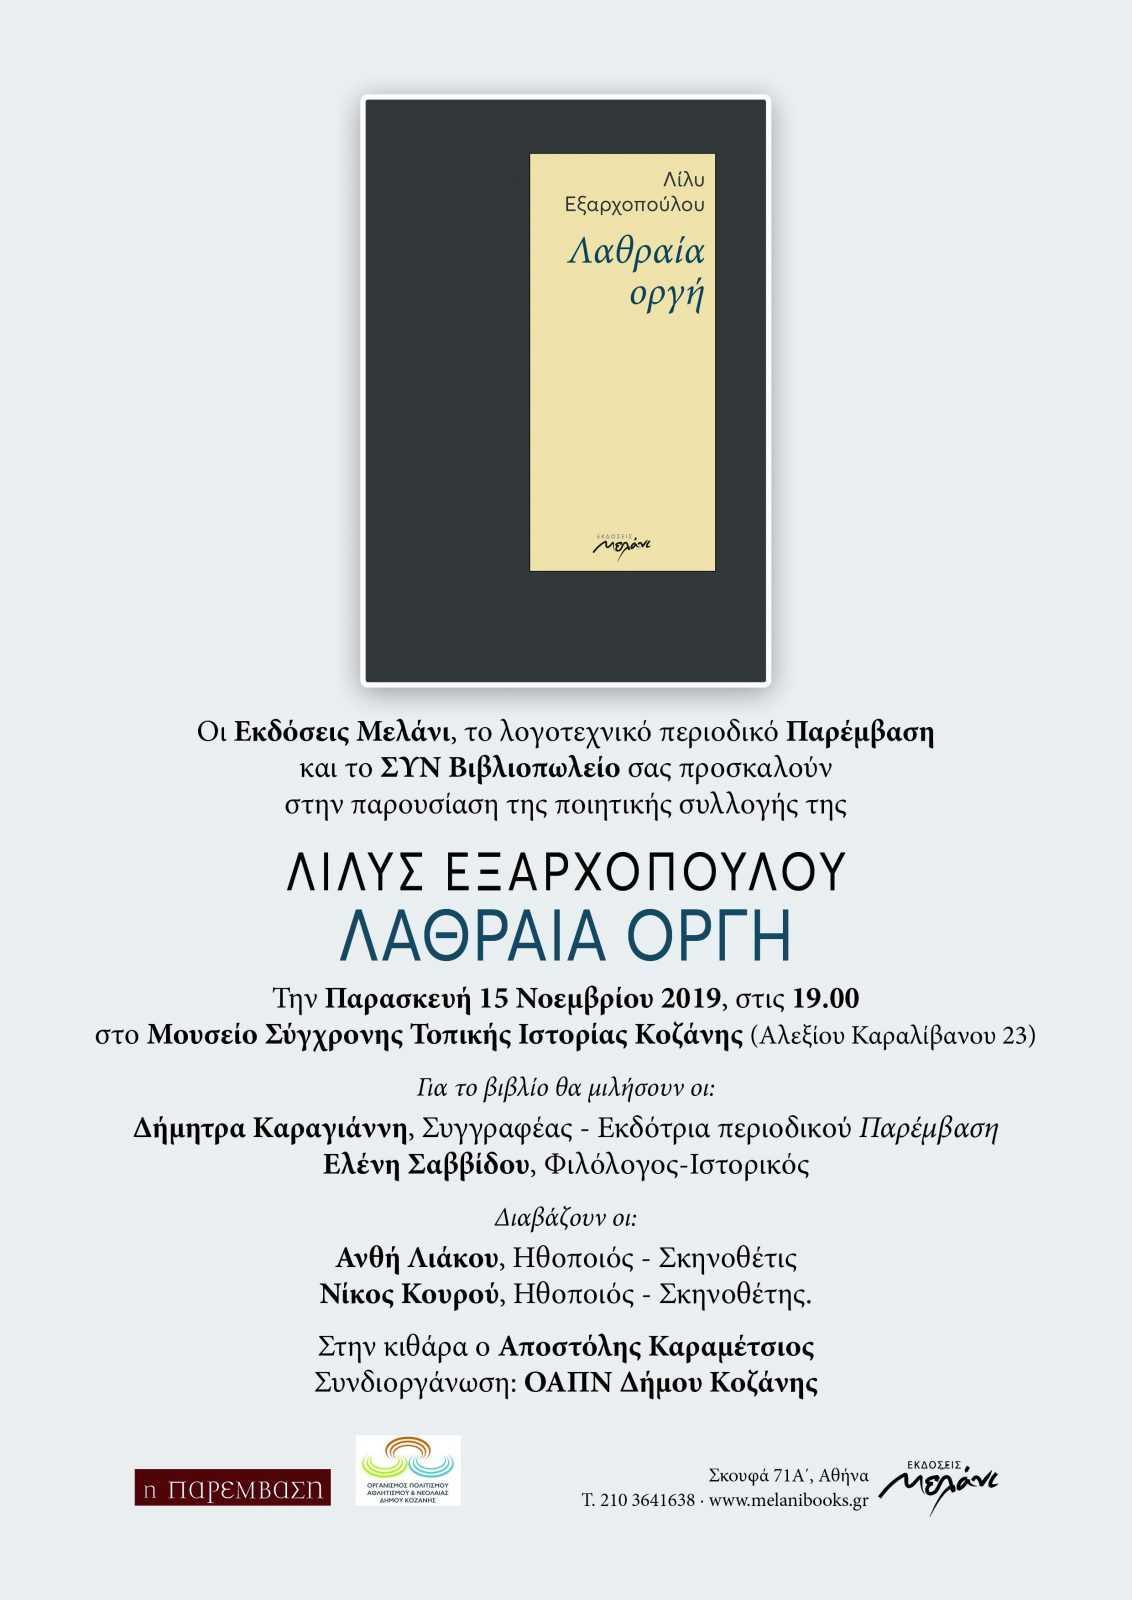 Η ποιήτρια Λίλυ Εξαρχοπούλου στην Κοζάνη. Παρουσίαση της ποιητικής συλλογής